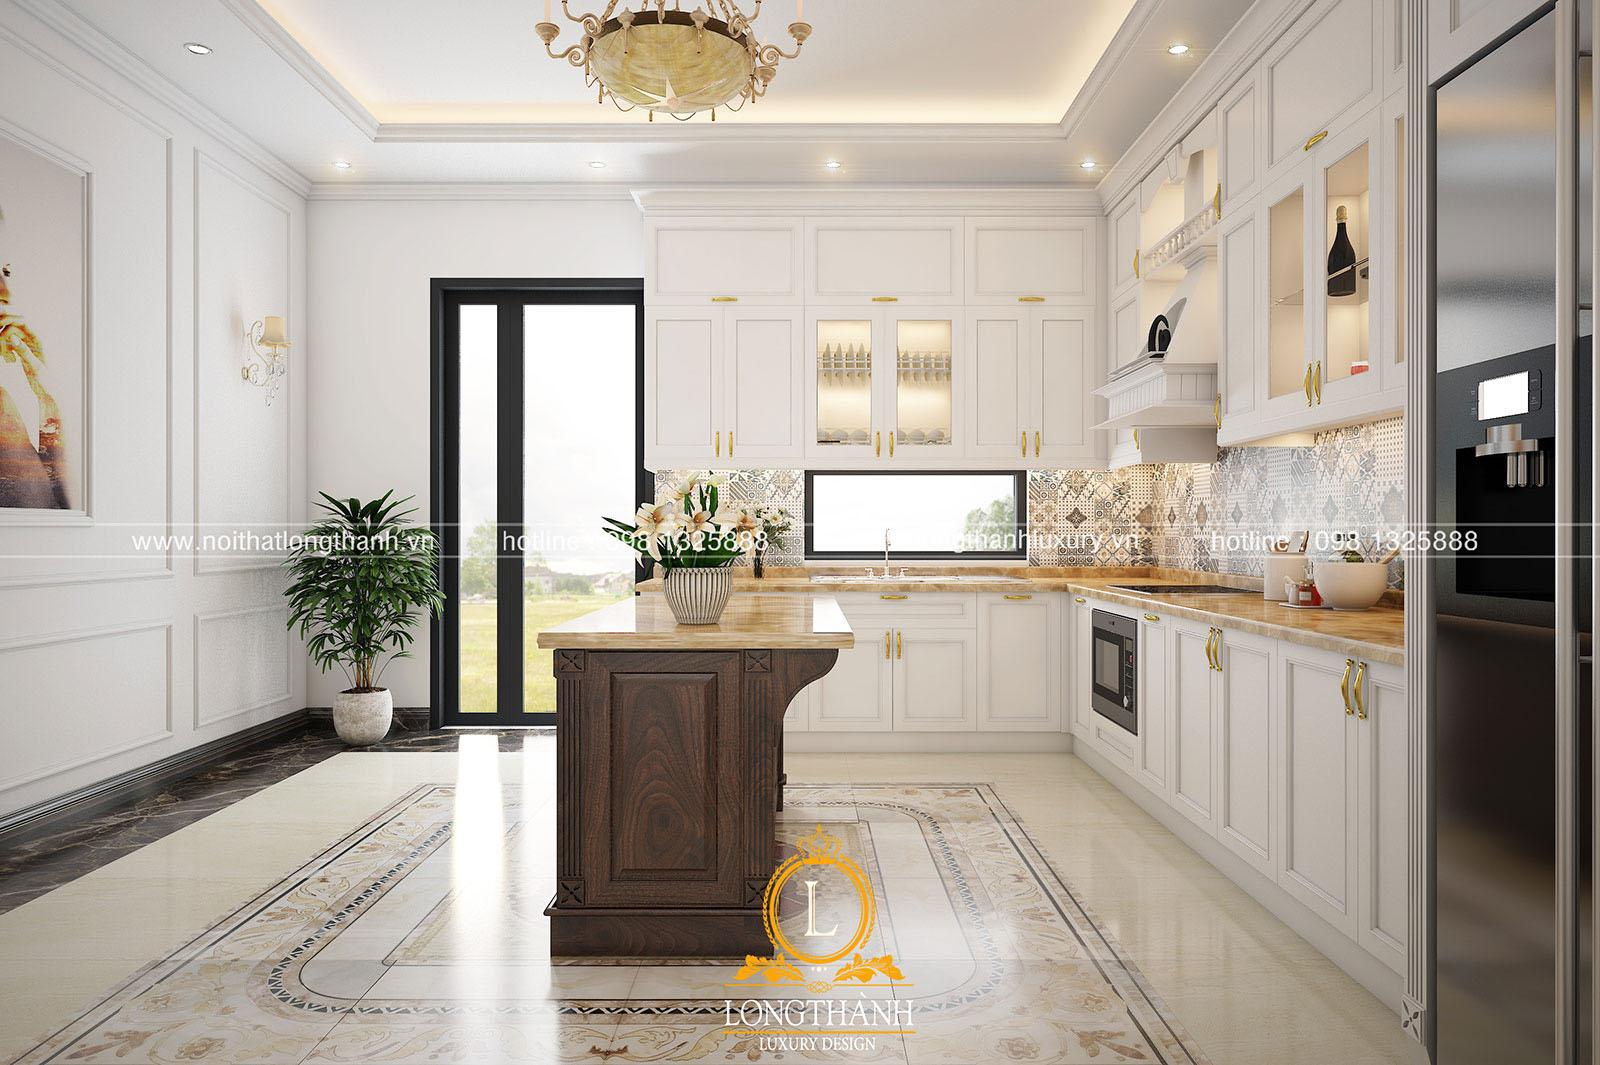 Tủ bếp gỗ tự nhiên sơn trắng đẹp LT 61 góc nhìn thứ 2